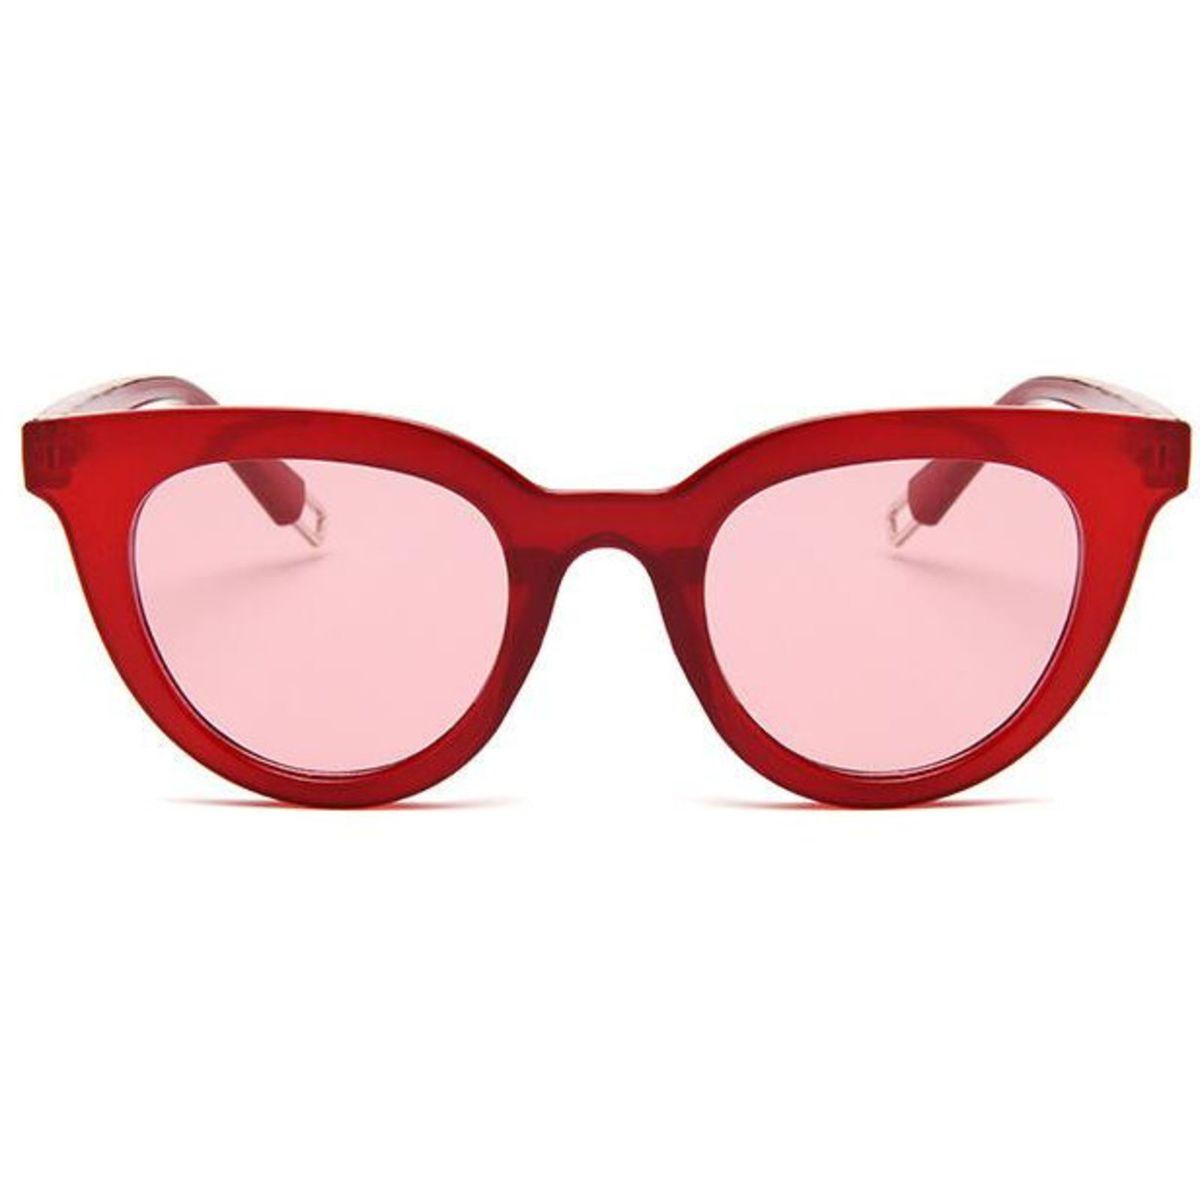 4ac87d66d Óculos Retro Redondo | Óculos Masculino Genie Vintage Usado 30910785 |  enjoei